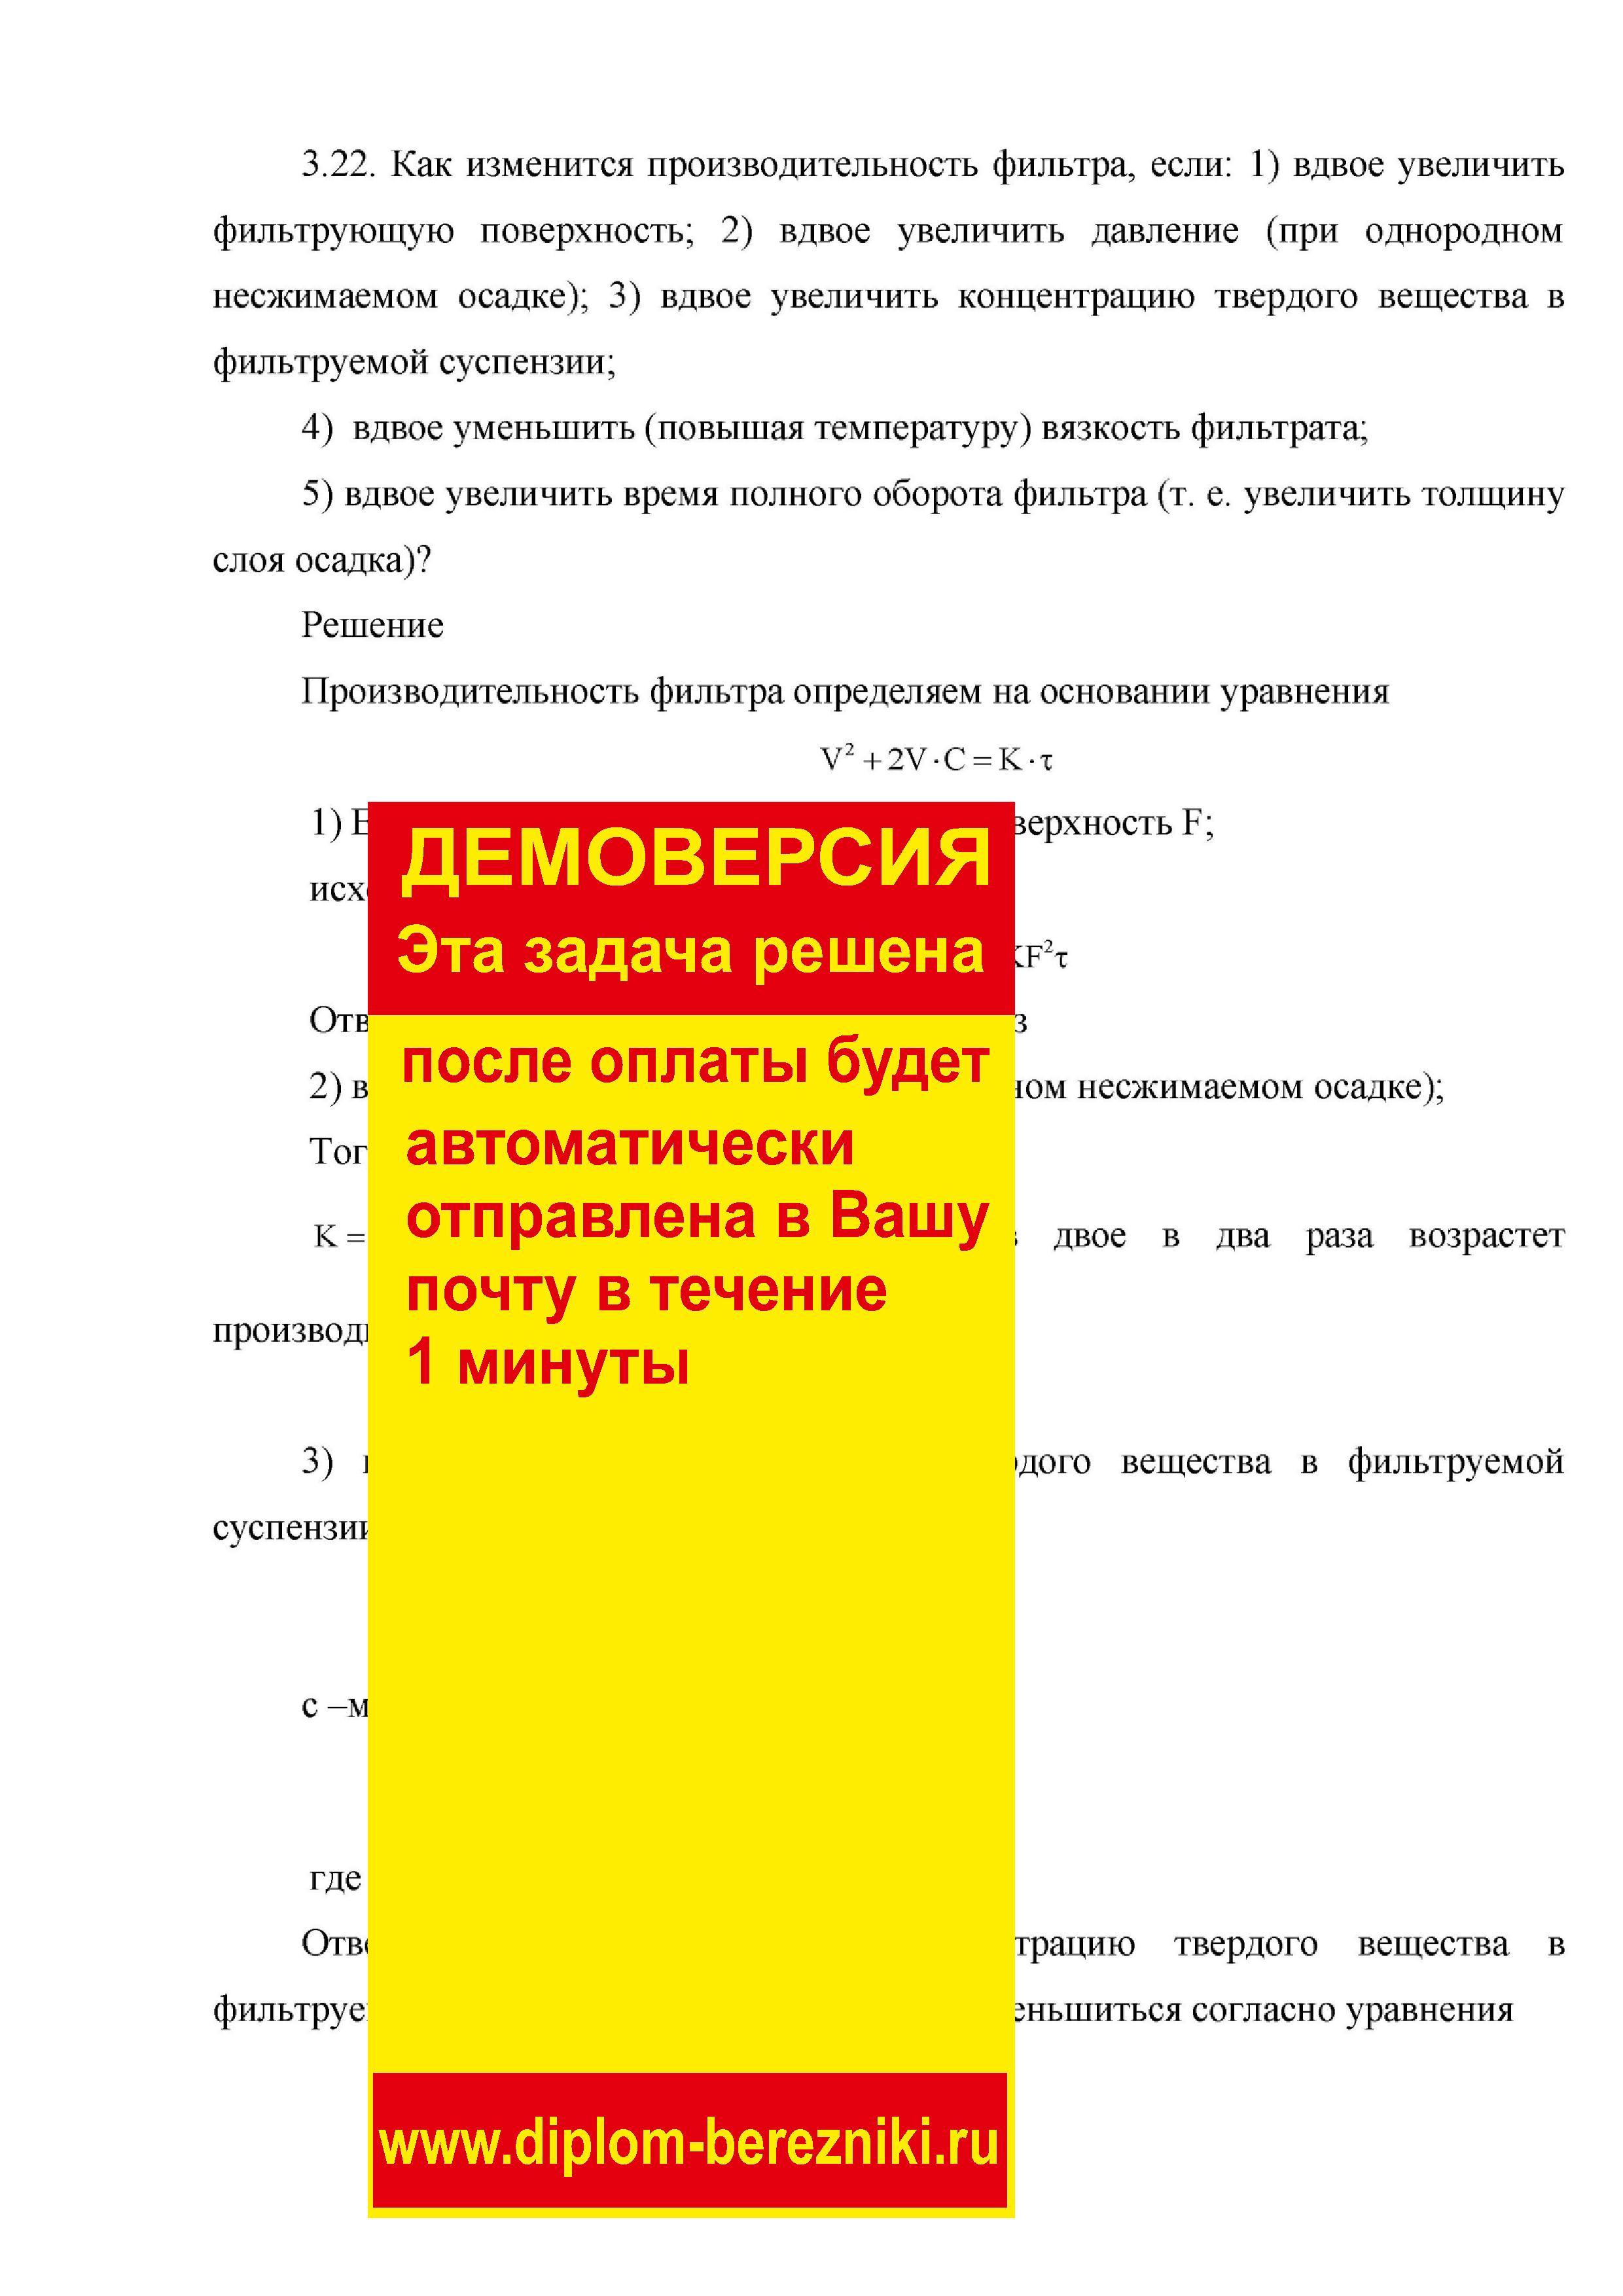 Решение задачи 3.22 по ПАХТ из задачника Павлова Романкова Носкова